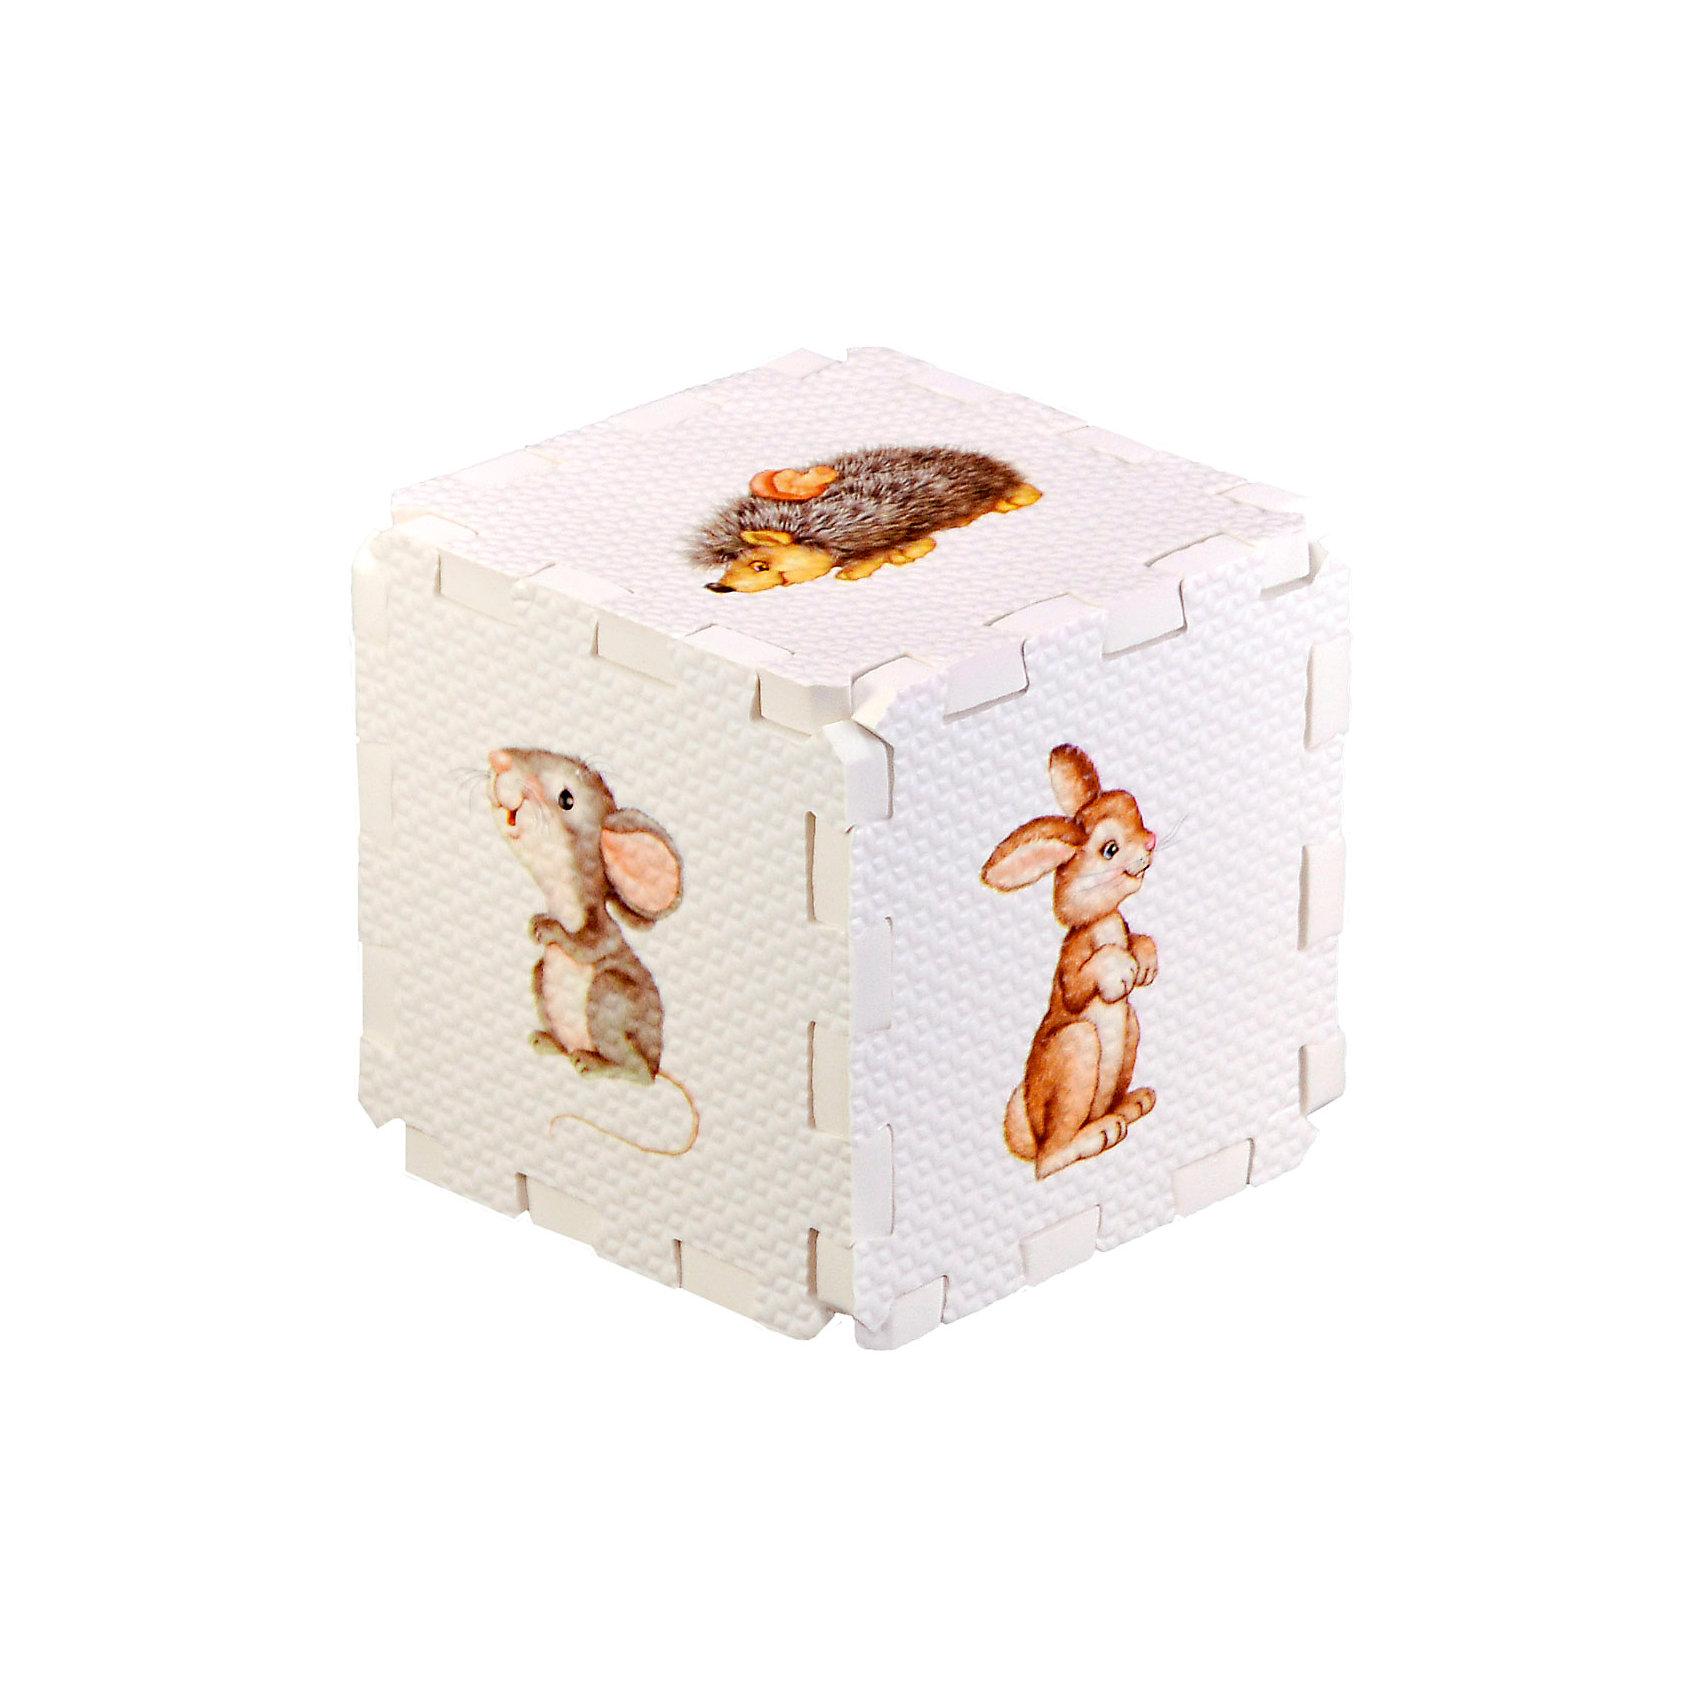 Кубик EVA Лесные животныеПервые книги малыша<br>Набор состоит из 6 больших деталей-пазлов, которые можно собрать в объёмный кубик. Собирая кубик и играя с его деталями, малыши тренируют мелкую моторику, развивают мышление, память, внимание, а также получают навыки творческого конструирования.<br>Детали-пазлы сделаны из экологически чистого и гипоаллергенного материала ЭВА (EVA), который не имеет цвета, запаха и вкуса, а значит, идеально подходит для первых развивающих игрушек и игр.<br>Особенности пазлов ЭВА открывают дополнительные возможности для различных игровых сюжетов:<br>- детали-пазлы можно грызть, мять, гнуть, сжимать и мочить, и при этом они не испортятся; <br>- с набором можно играть в воде, детали плавают и легко крепятся к кафелю и стенкам ванны; <br>- уникальная технология печати картинок на пазлах передаёт все оттенки цветов, и дети быстрее учатся узнавать нарисованные на них предметы в окружающем мире; <br>- набор идеально подходит для развития детской моторики, сенсорики, навыков конструирования; <br>- детали-пазлы из разных наборов подходят к друг другу, вы легко можете комбинировать разные наборы.<br><br>Дополнительная информация:<br><br>- Материал: ЭВА.<br>- Размер: 25,5х24 см. <br>- Толщина детали-пазла: 3 см. <br>- Комплектация: 6 деталей.<br>- Детали-пазлы подходят к другим наборам. <br>- Используются стойкие гипоаллергенный красители.<br>- Подходит для игр в воде. <br><br>Кубик EVA - сортер Лесные животные можно купить в нашем магазине.<br><br>Ширина мм: 255<br>Глубина мм: 240<br>Высота мм: 10<br>Вес г: 72<br>Возраст от месяцев: 12<br>Возраст до месяцев: 36<br>Пол: Унисекс<br>Возраст: Детский<br>SKU: 4545589